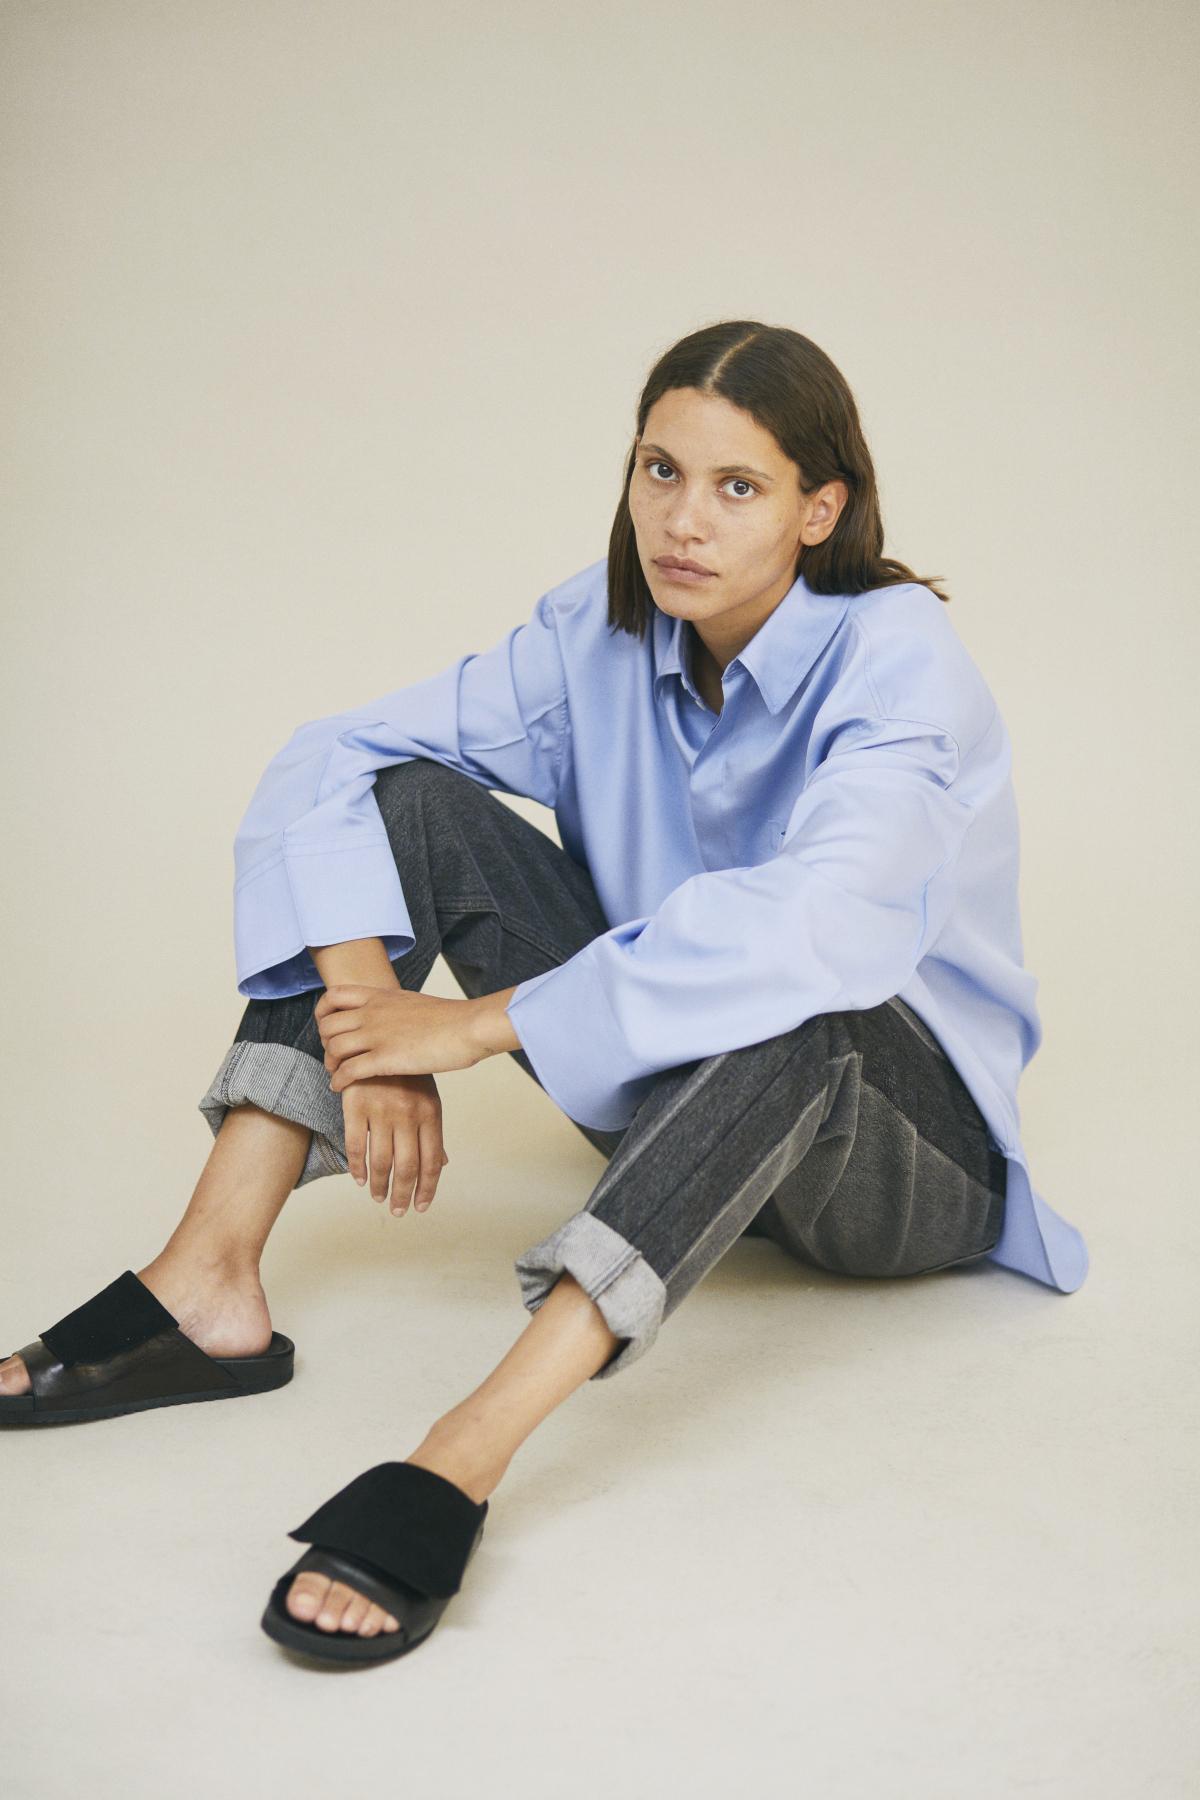 Shirt SEFIE, Trousers SUMMER B